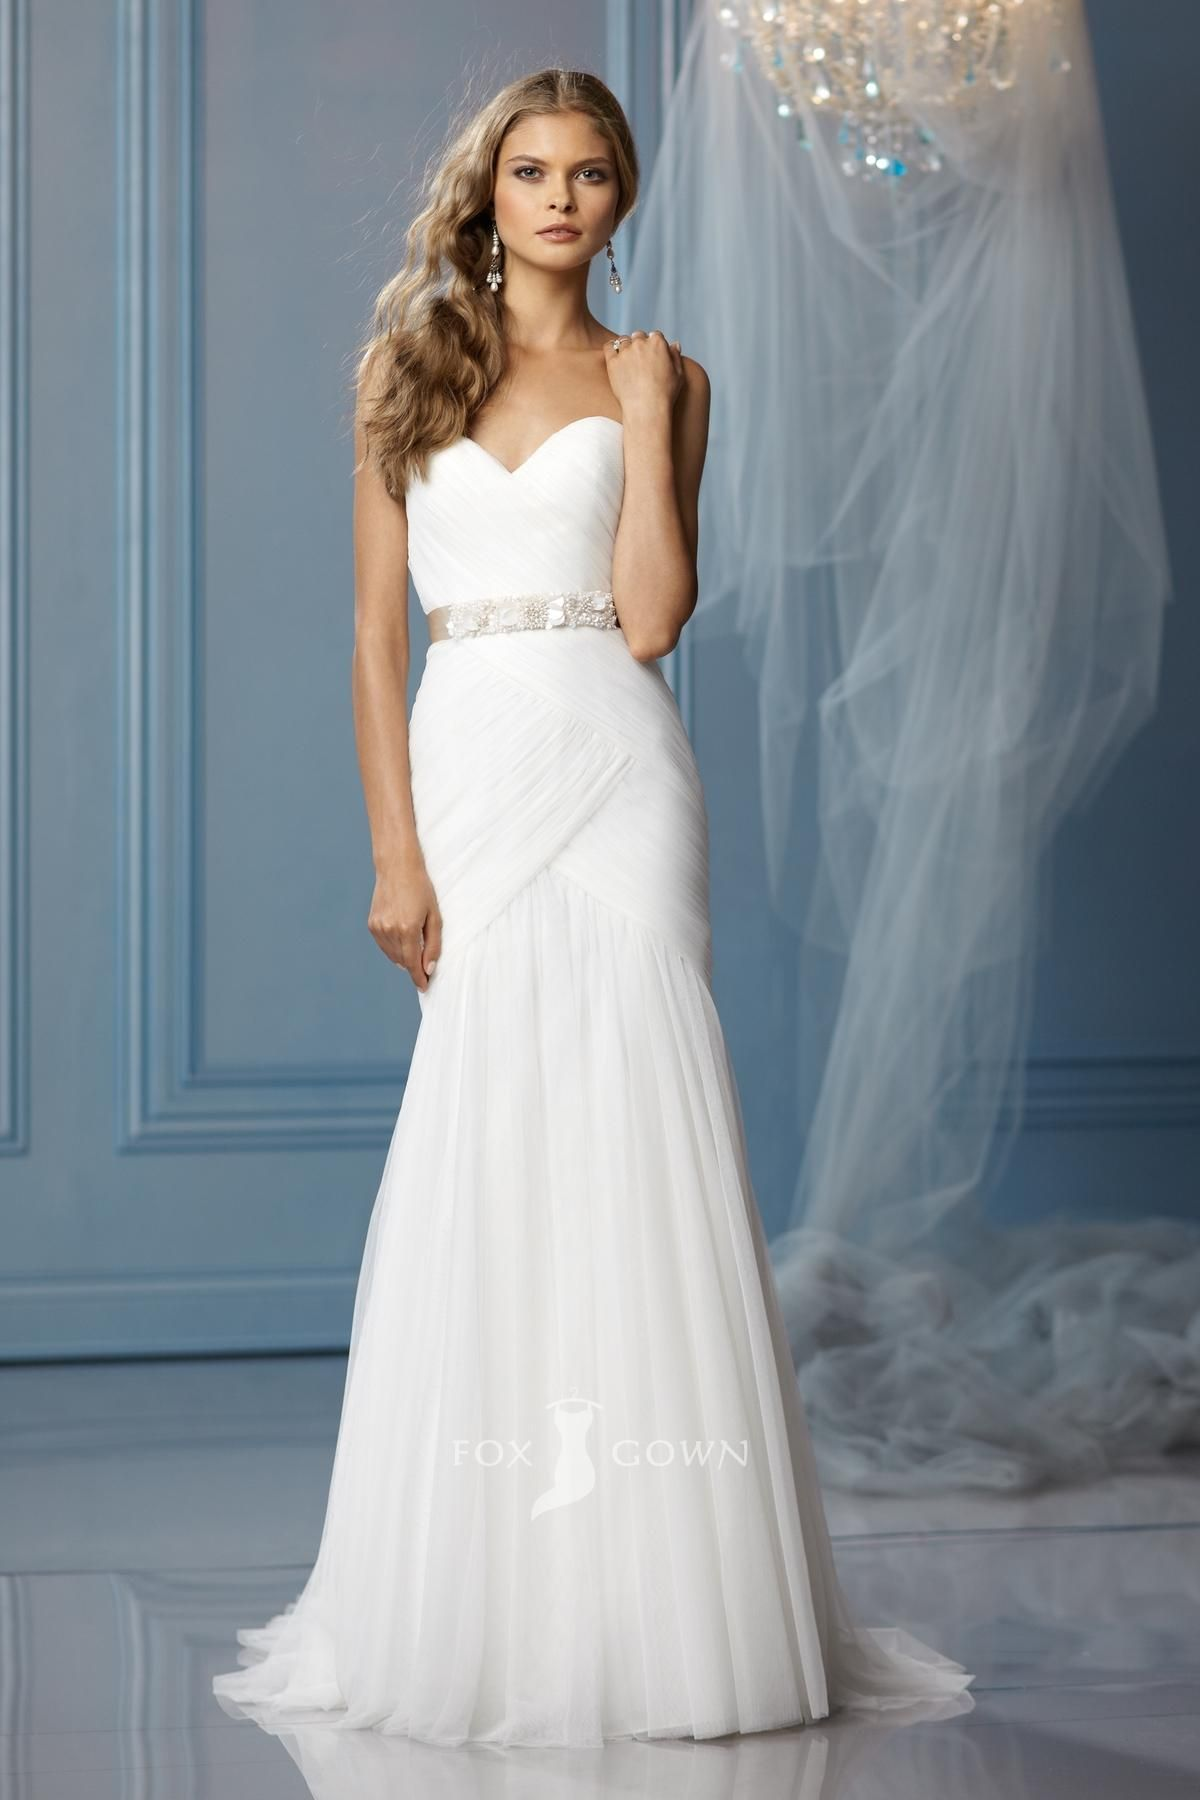 Affordable Destination Wedding Dresses Under $1,000 | Pinterest ...